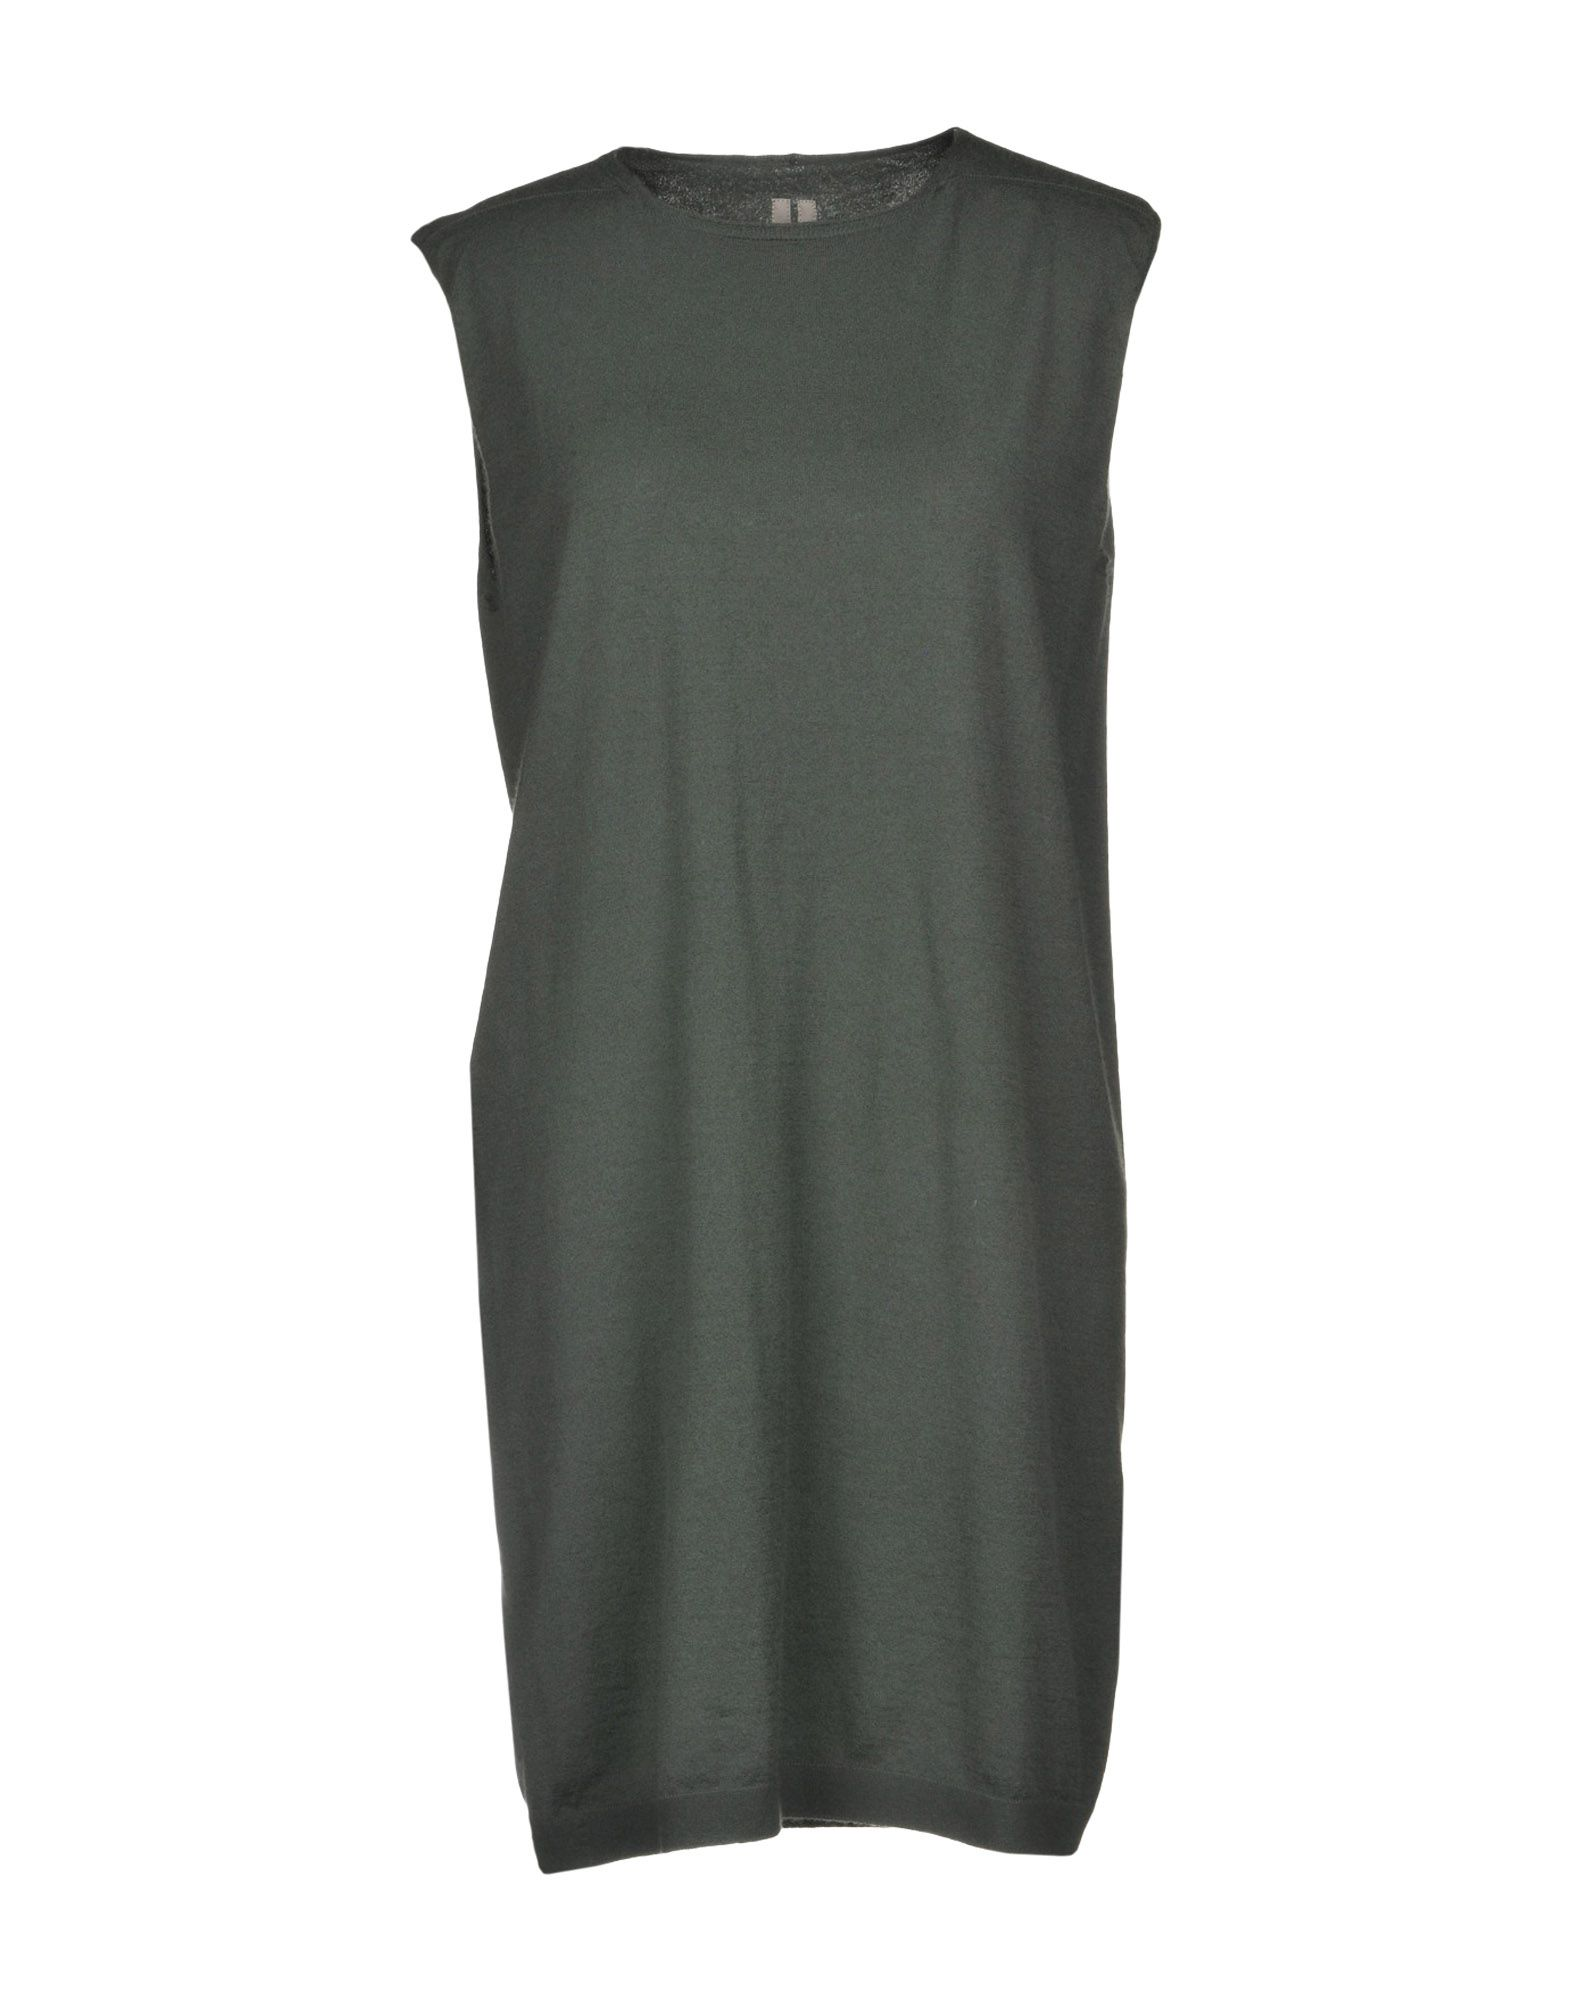 《期間限定セール開催中!》RICK OWENS レディース ミニワンピース&ドレス ミリタリーグリーン XS 93% カシミヤ 7% ポリエステル